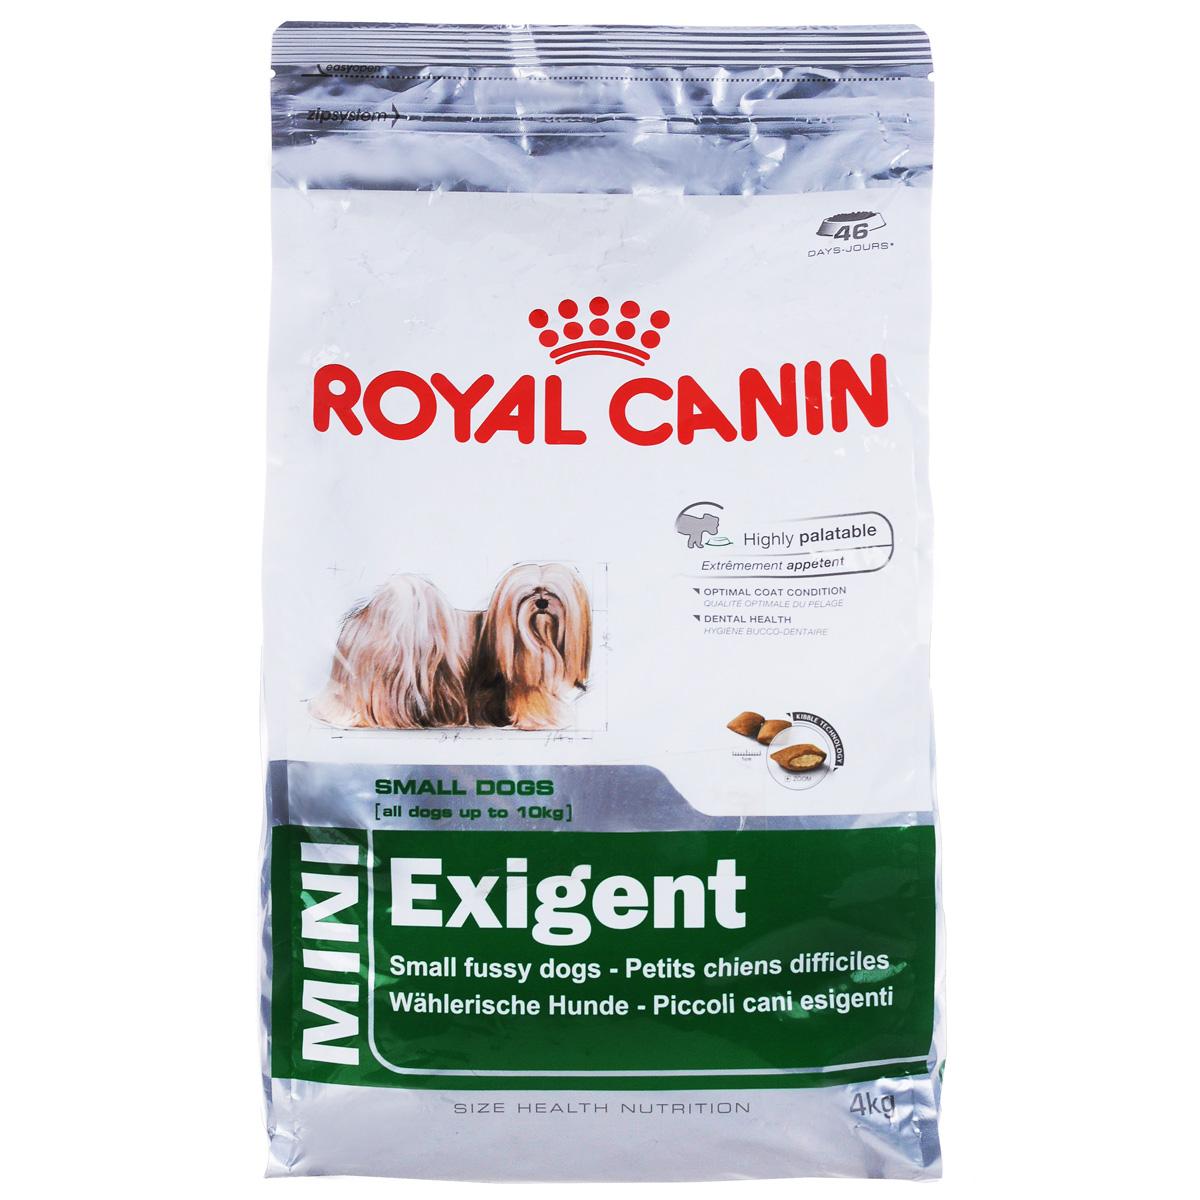 Корм сухой Royal Canin Mini Exigent, для собак мелких пород, привередливых в питании, 4 кг0120710Полнорационный сухой корм Royal Canin Mini Exigent для подходит собакам мелких размеров (вес взрослой собаки до 10 кг) старше 10 месяцев. Специальная технология изготовления крокет сочетает 2 вида текстур (хрустящую и мягкую), а также уникальные вкусовые добавки, что придется по вкусу даже самым привередливым собакам мелких размеров. Корм питает шерсть благодаря включению в состав корма серосодержащих аминокислот (метионин и цистин), жирных кислот Омега 6 и витамина А. Помогает замедлить образование зубного налета благодаря полифосфату натрия, который связывает кальций, содержащийся в слюне.Состав: дегидратированное мясо птицы, животные жиры, предварительно обработанная пшеничная мука, рис, изолят растительных белков L.I.P., гидролизат белков животного происхождения, кукурузная мука, растительная клетчатка, свекольный жом, рыбий жир, минеральные вещества, фруктоолигосахариды, масло огуречника аптечного 0,1%.Добавки в 1 кг: витамин А 29700 МЕ, витамин D3 800 МЕ, железо 45 мг, йод 4,5 мг, марганец 58 мг, цинк 175 мг, селен 0,09 мг, триполифосфат натрия 3,5 г, сорбат калия, пропилгаллат, БГА.Содержание питательных веществ: белки 30%, жиры 22%, минеральные вещества 4,1%, клетчатка пищевая 2,7%, EPA/DHA 2,5 г, медь 15 мг.Товар сертифицирован.